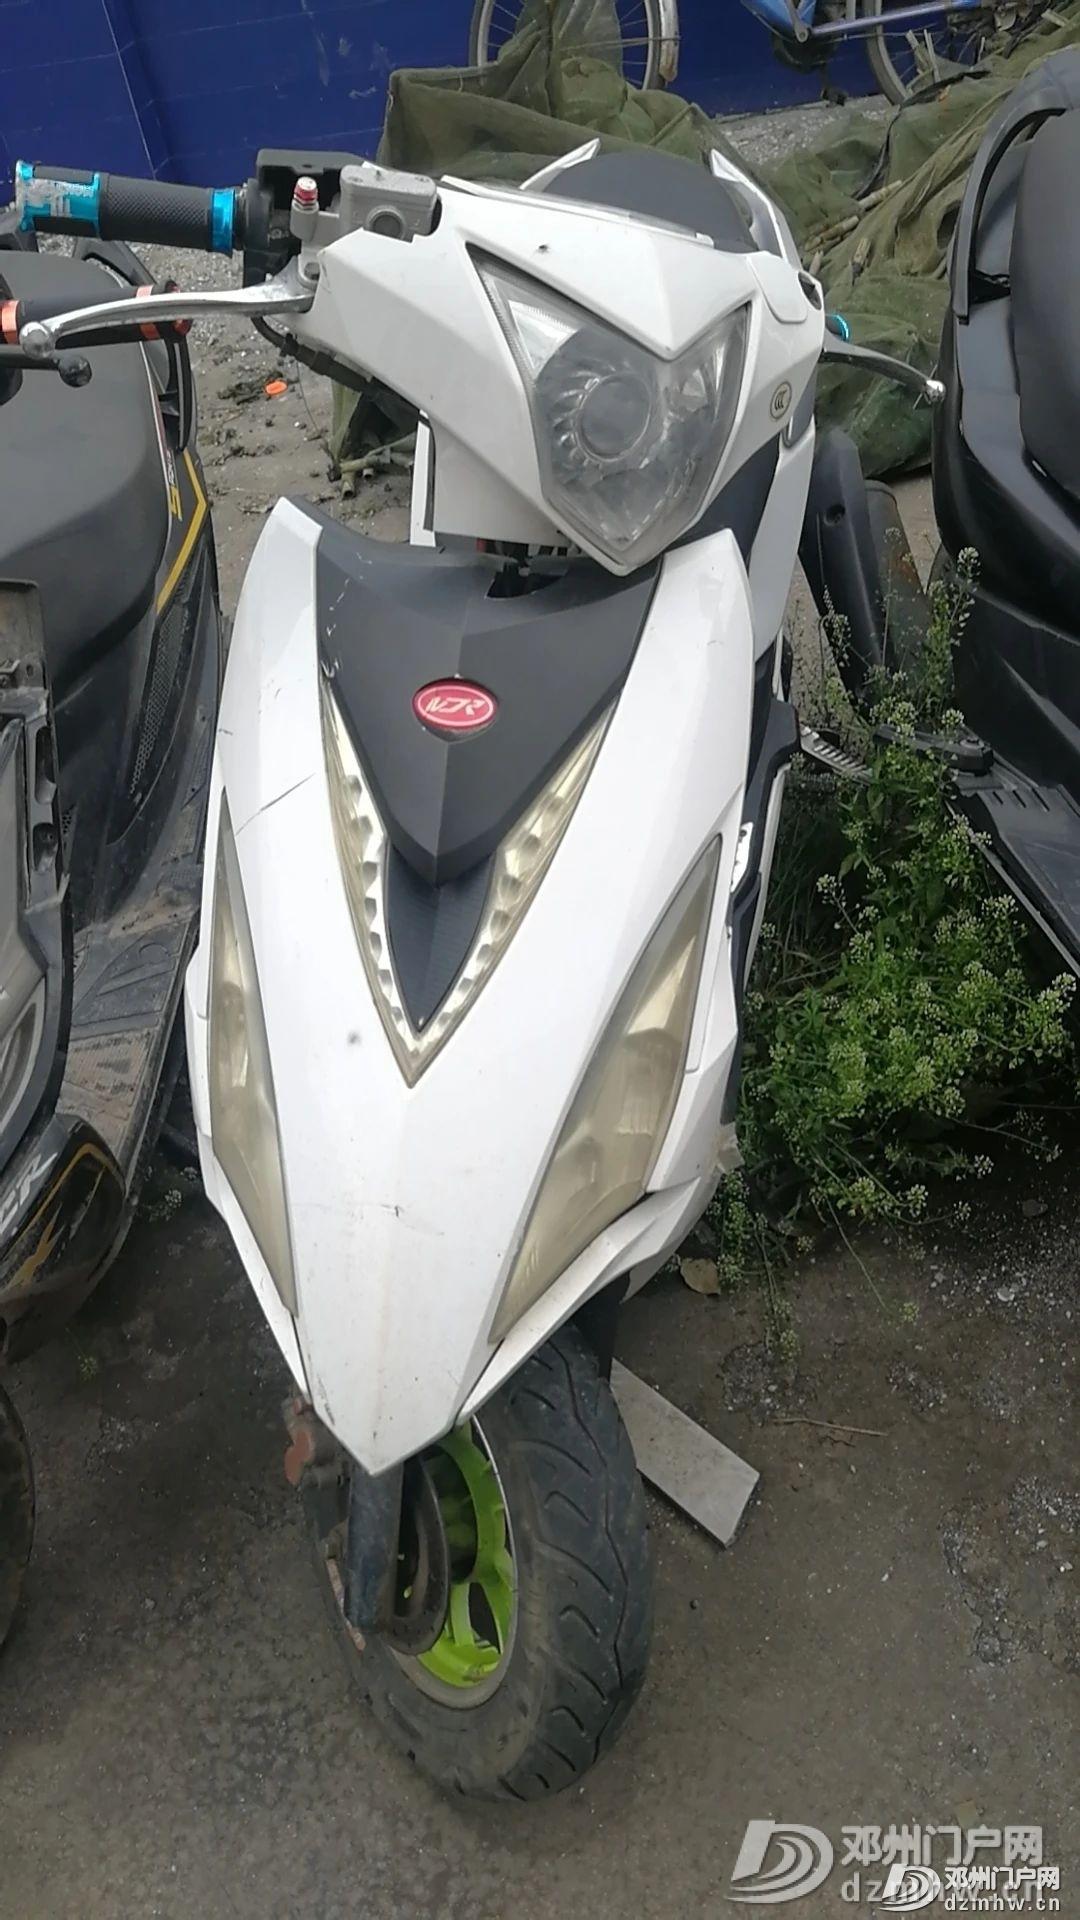 【认领启事】邓州谁的摩托车丢了,速来领取! - 邓州门户网|邓州网 - c586251c5032fe4d1977cd8205b1c764.jpg